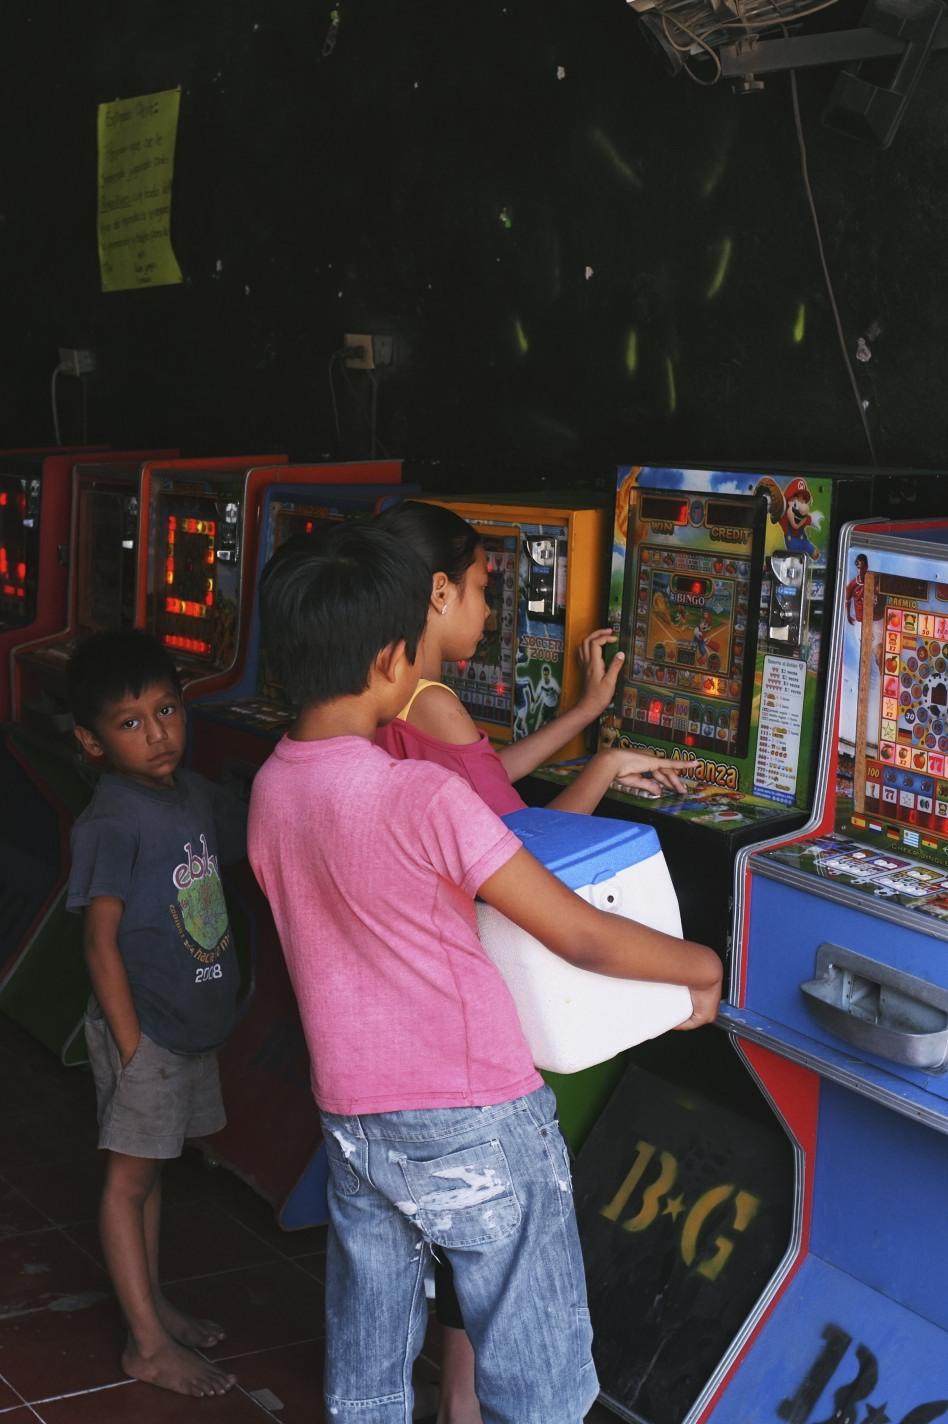 arcade-mercado-valladolid.jpg